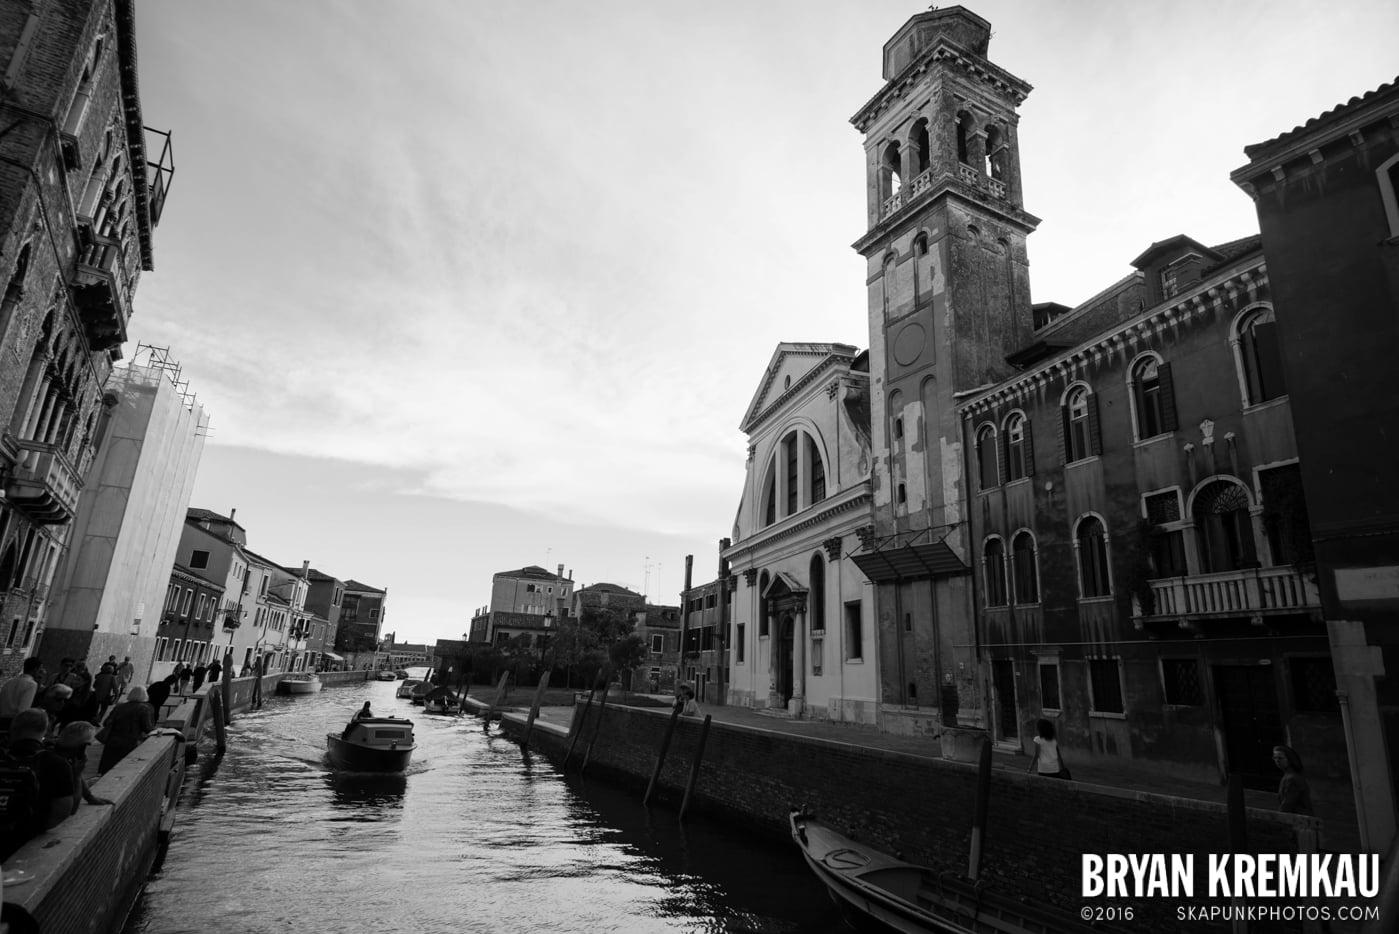 Italy Vacation - Day 4: Venice - 9.12.13 (22)